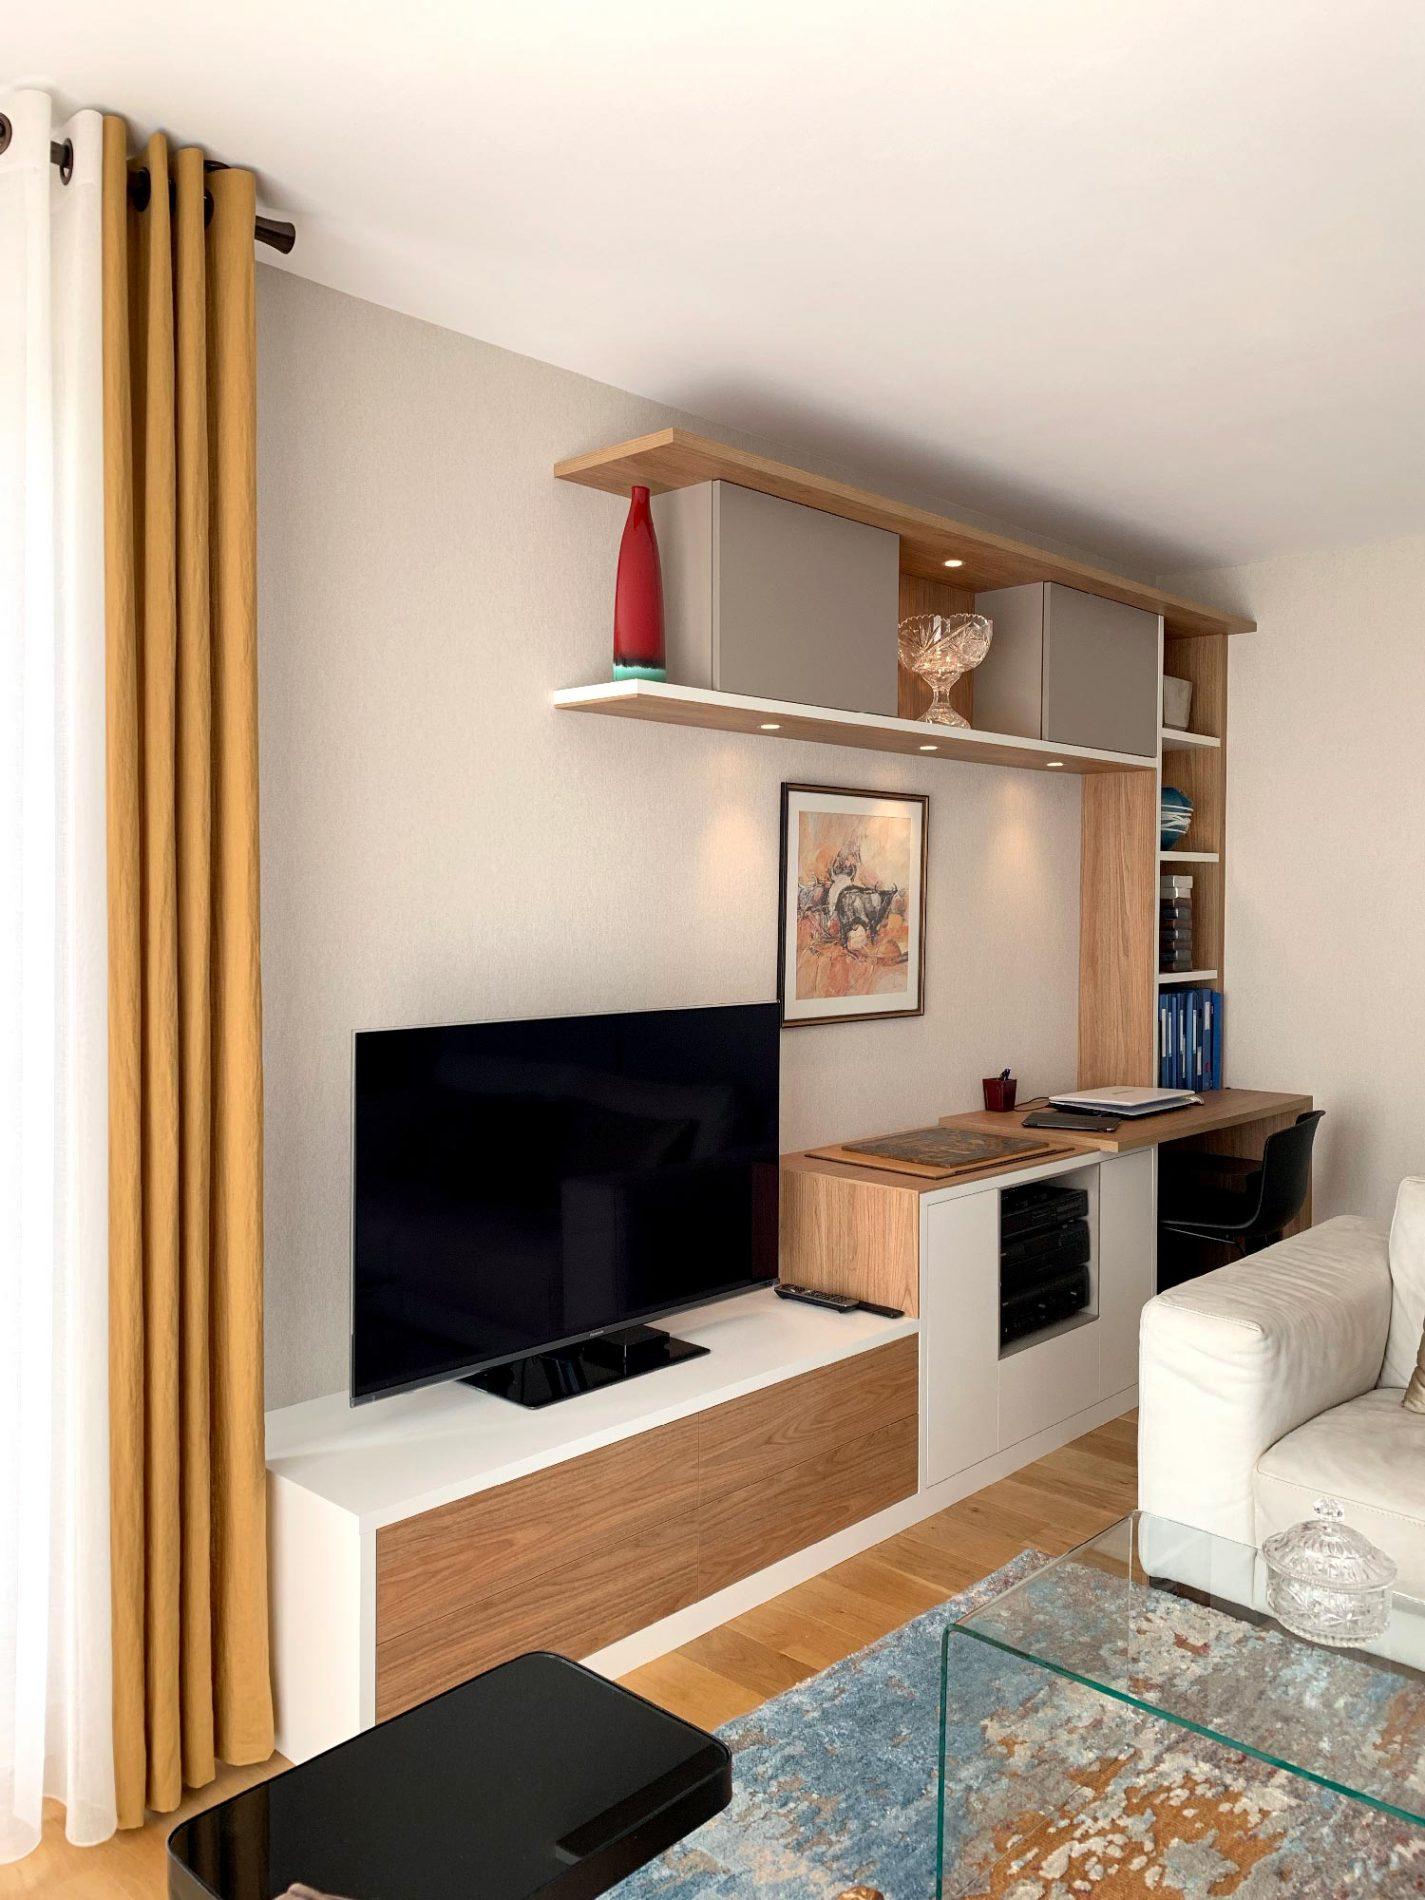 meuble tv aux etageres en bois clair